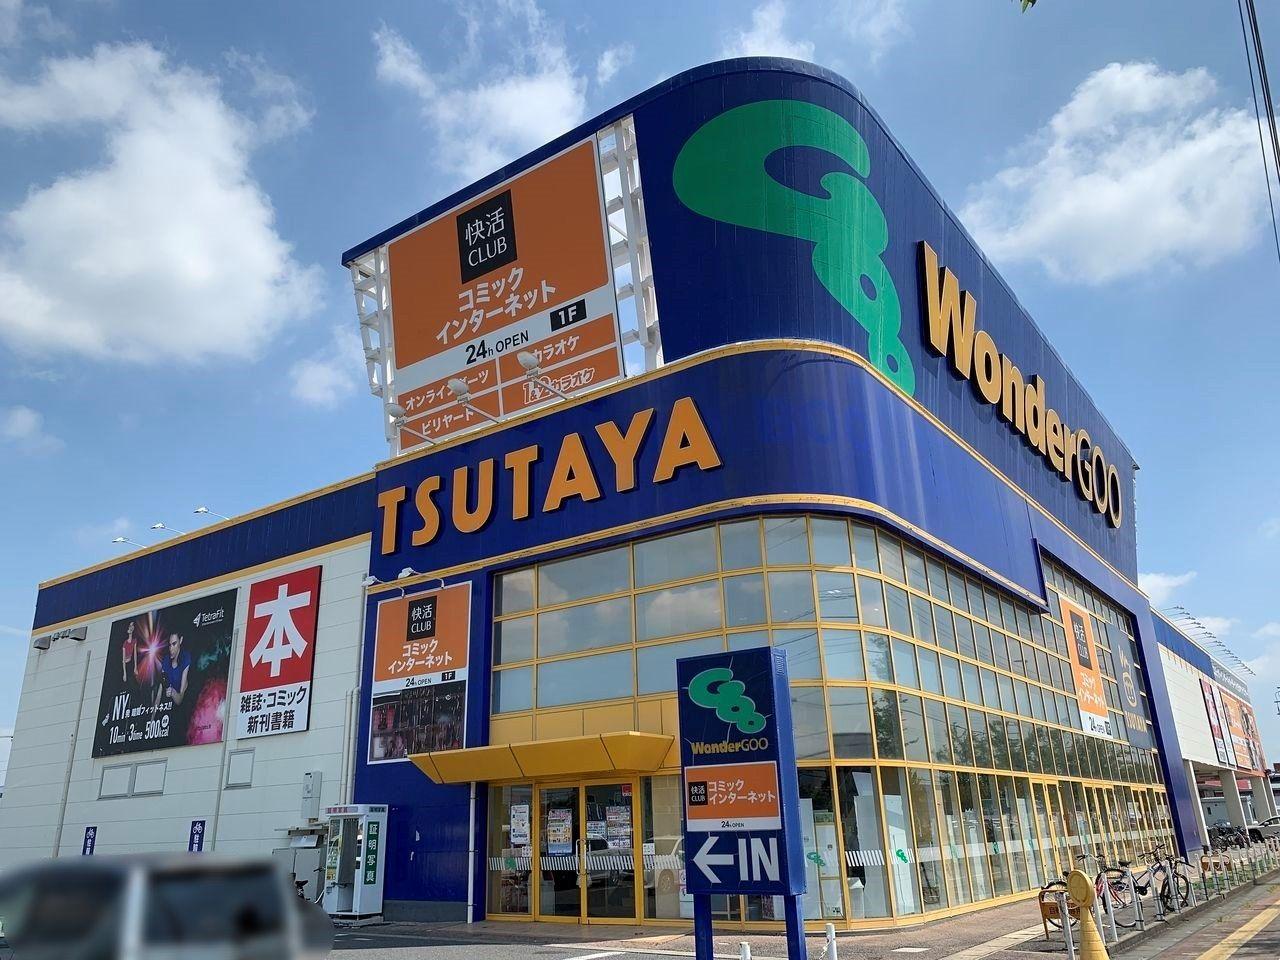 三郷市ピアラシティ2-2-5 営業時間:10:00〜23:00 TSUTAYA・快活クラブ・テトラフィットなどが入っています。